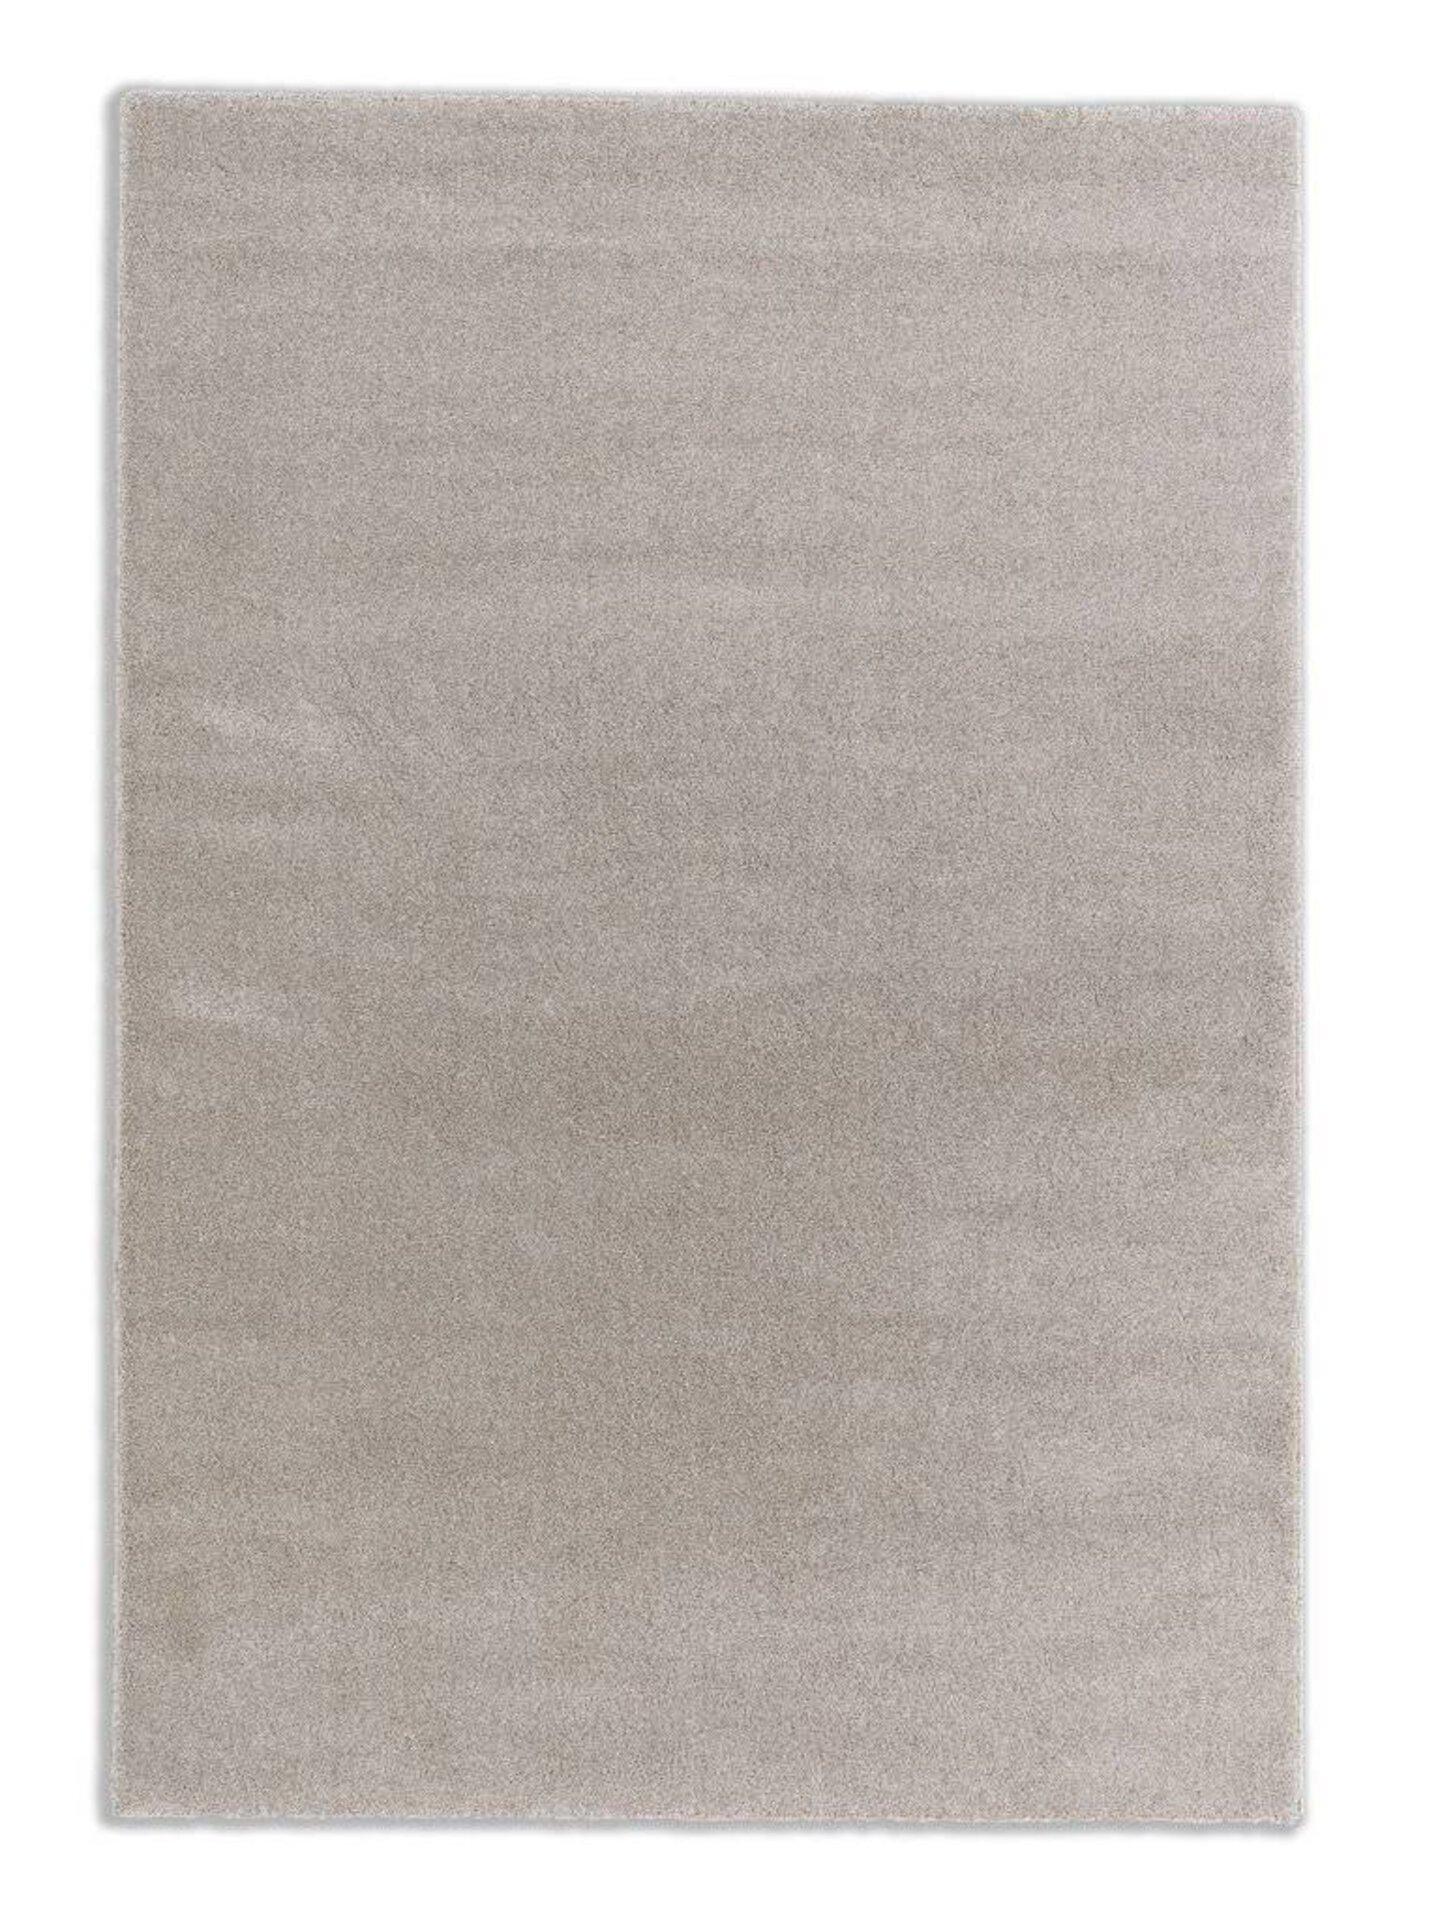 Maschinenwebteppich Pure Schöner Wohnen Textil beige